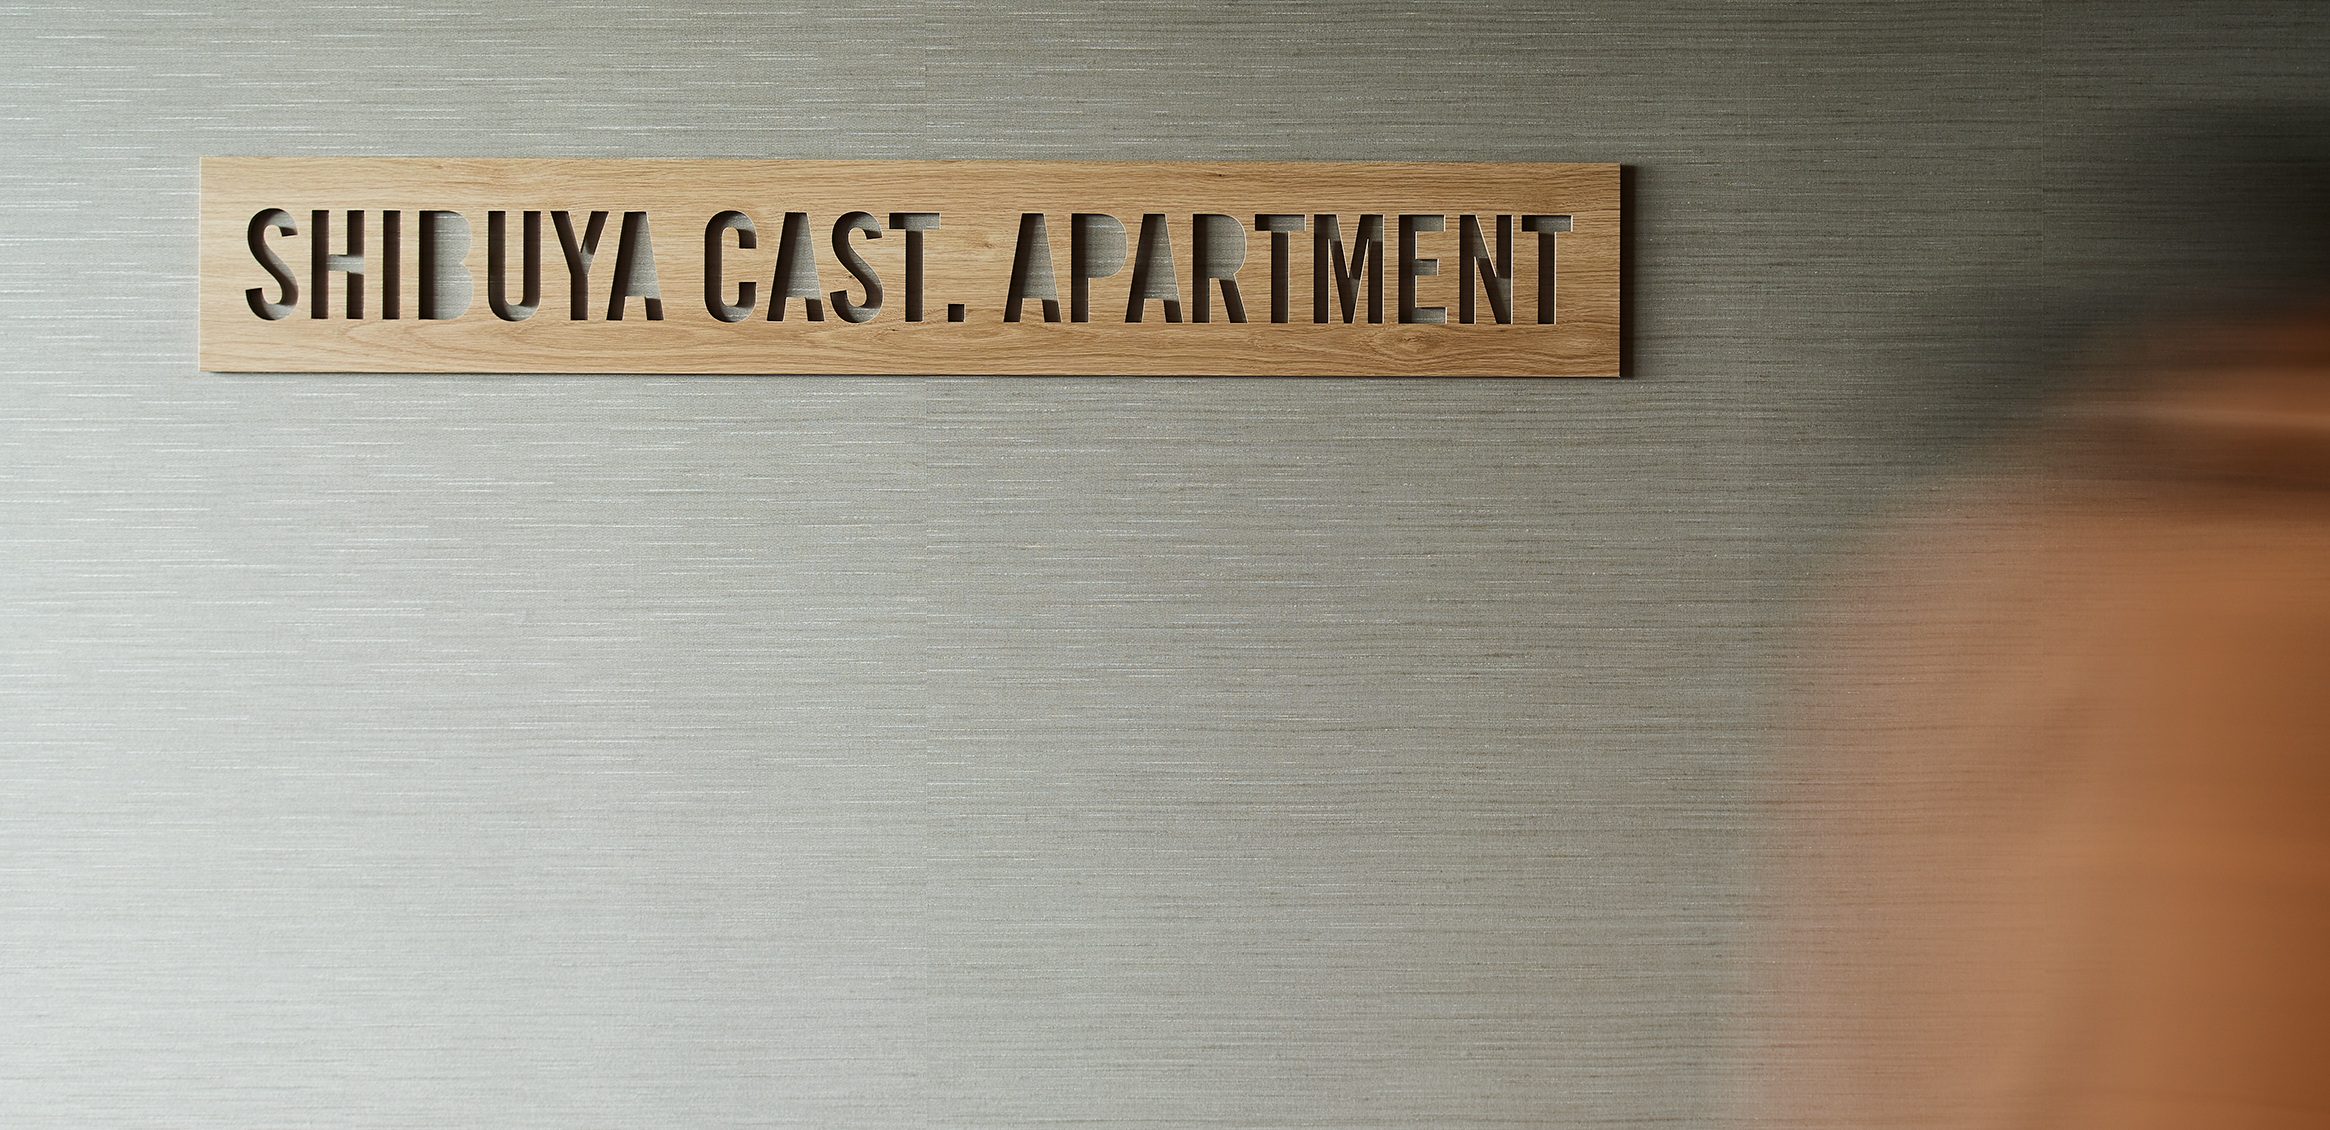 SHIBUYA CAST サイン計画11枚目